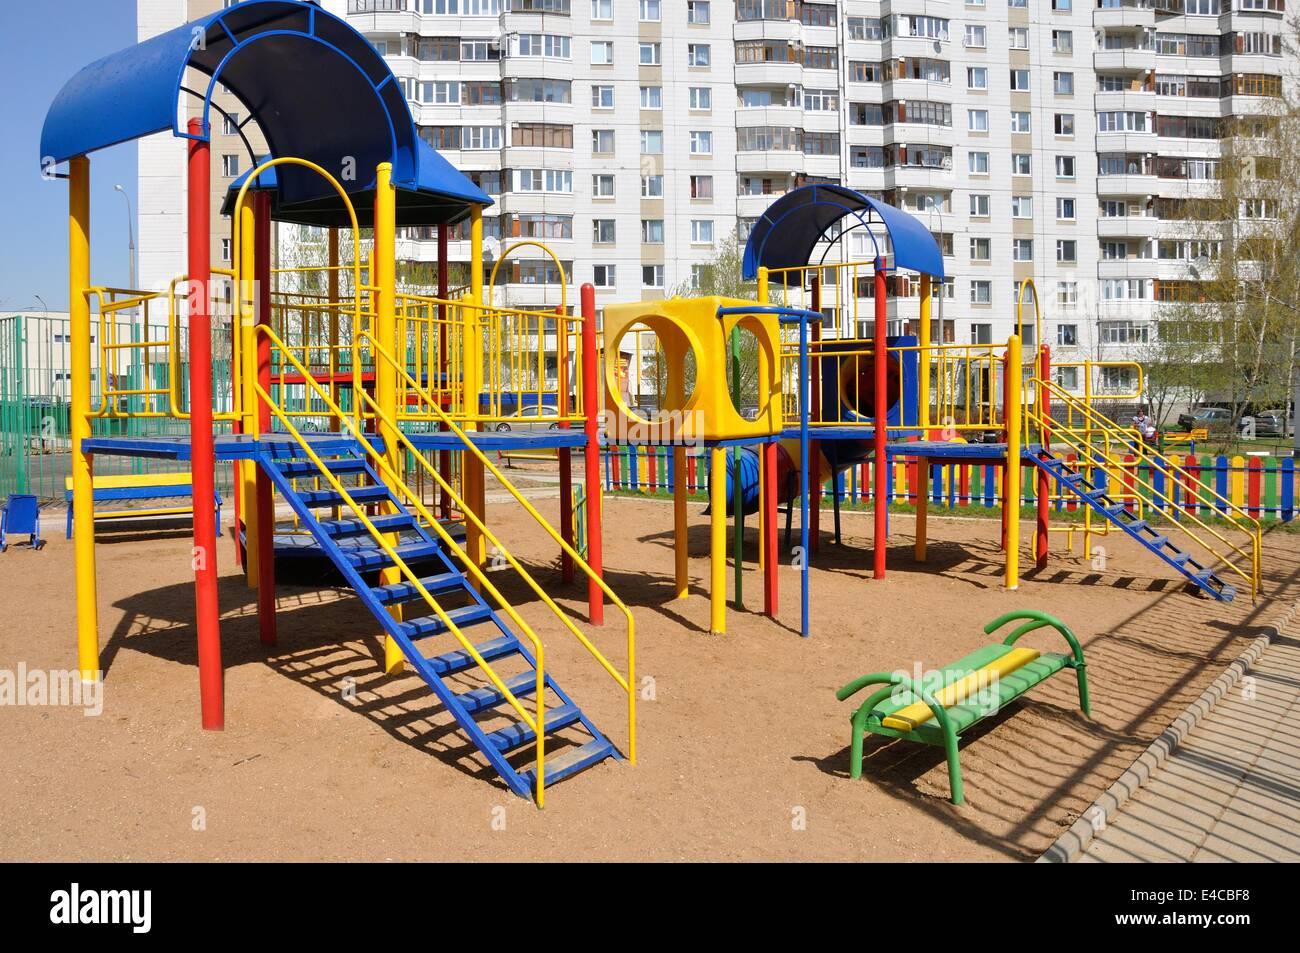 Zona De Juegos Para Ninos Dia Soleado De Verano De Madera Madera